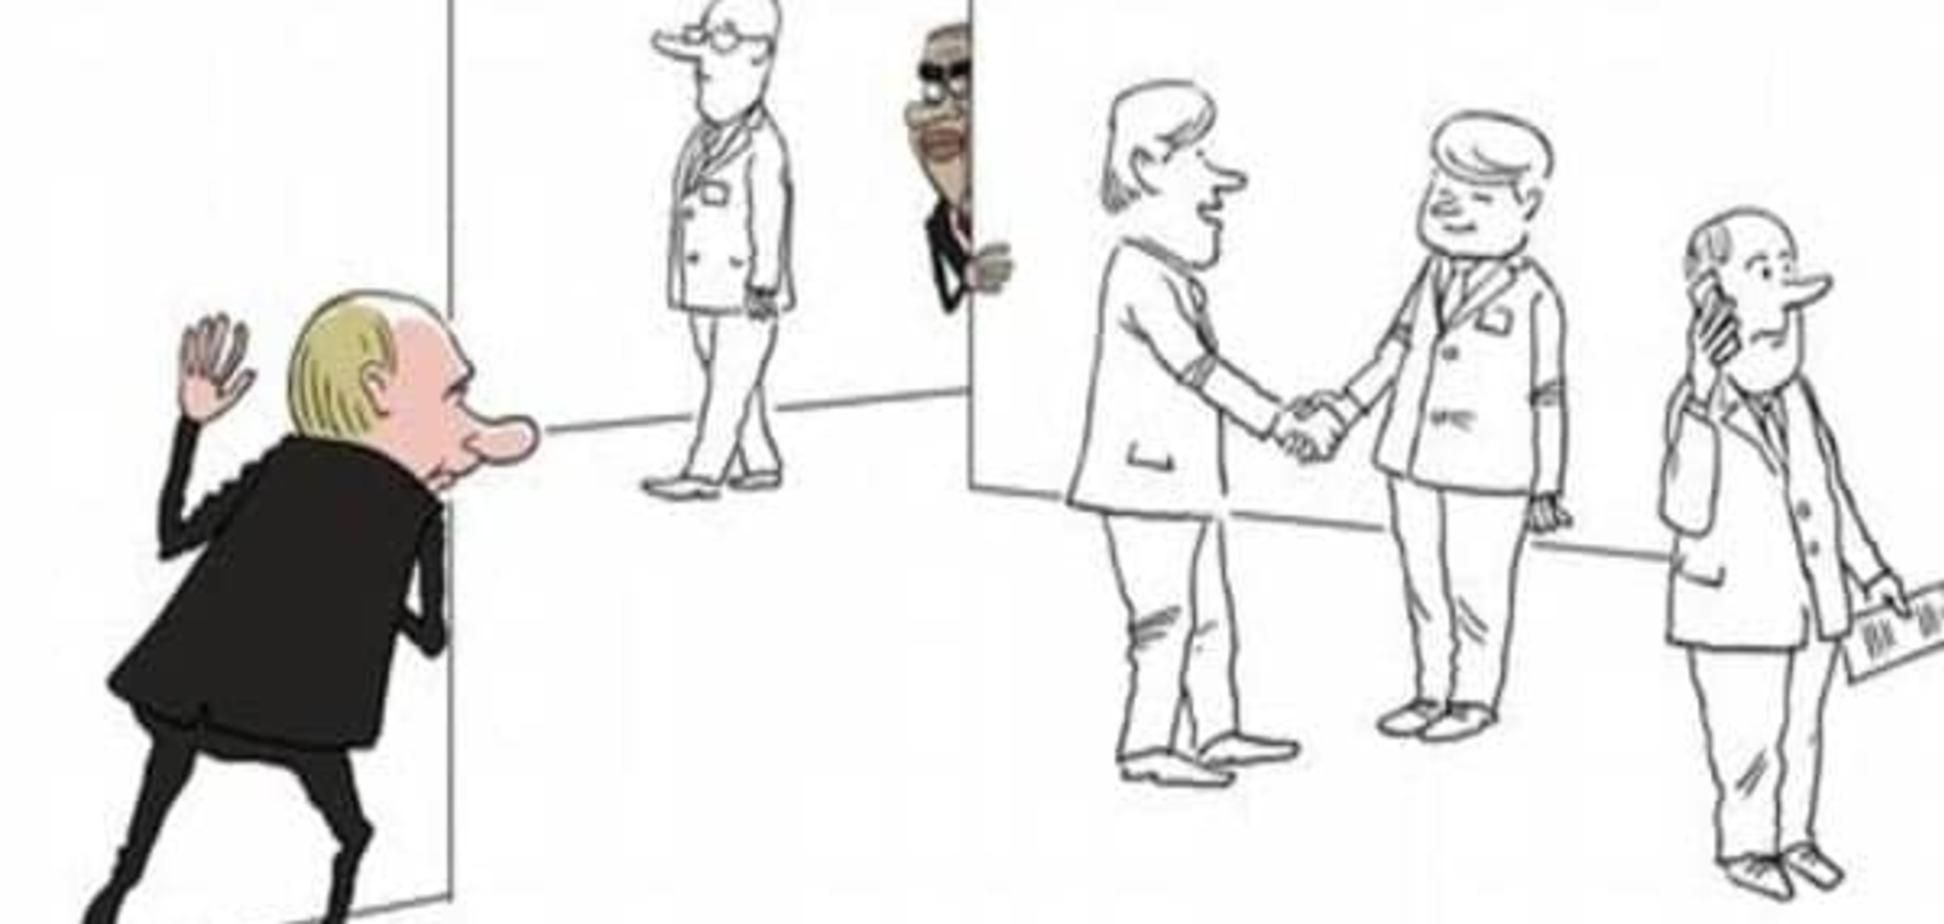 Гра в хованки на 'Великій двадцятці': карикатурист висміяв зустріч Путіна і Обами